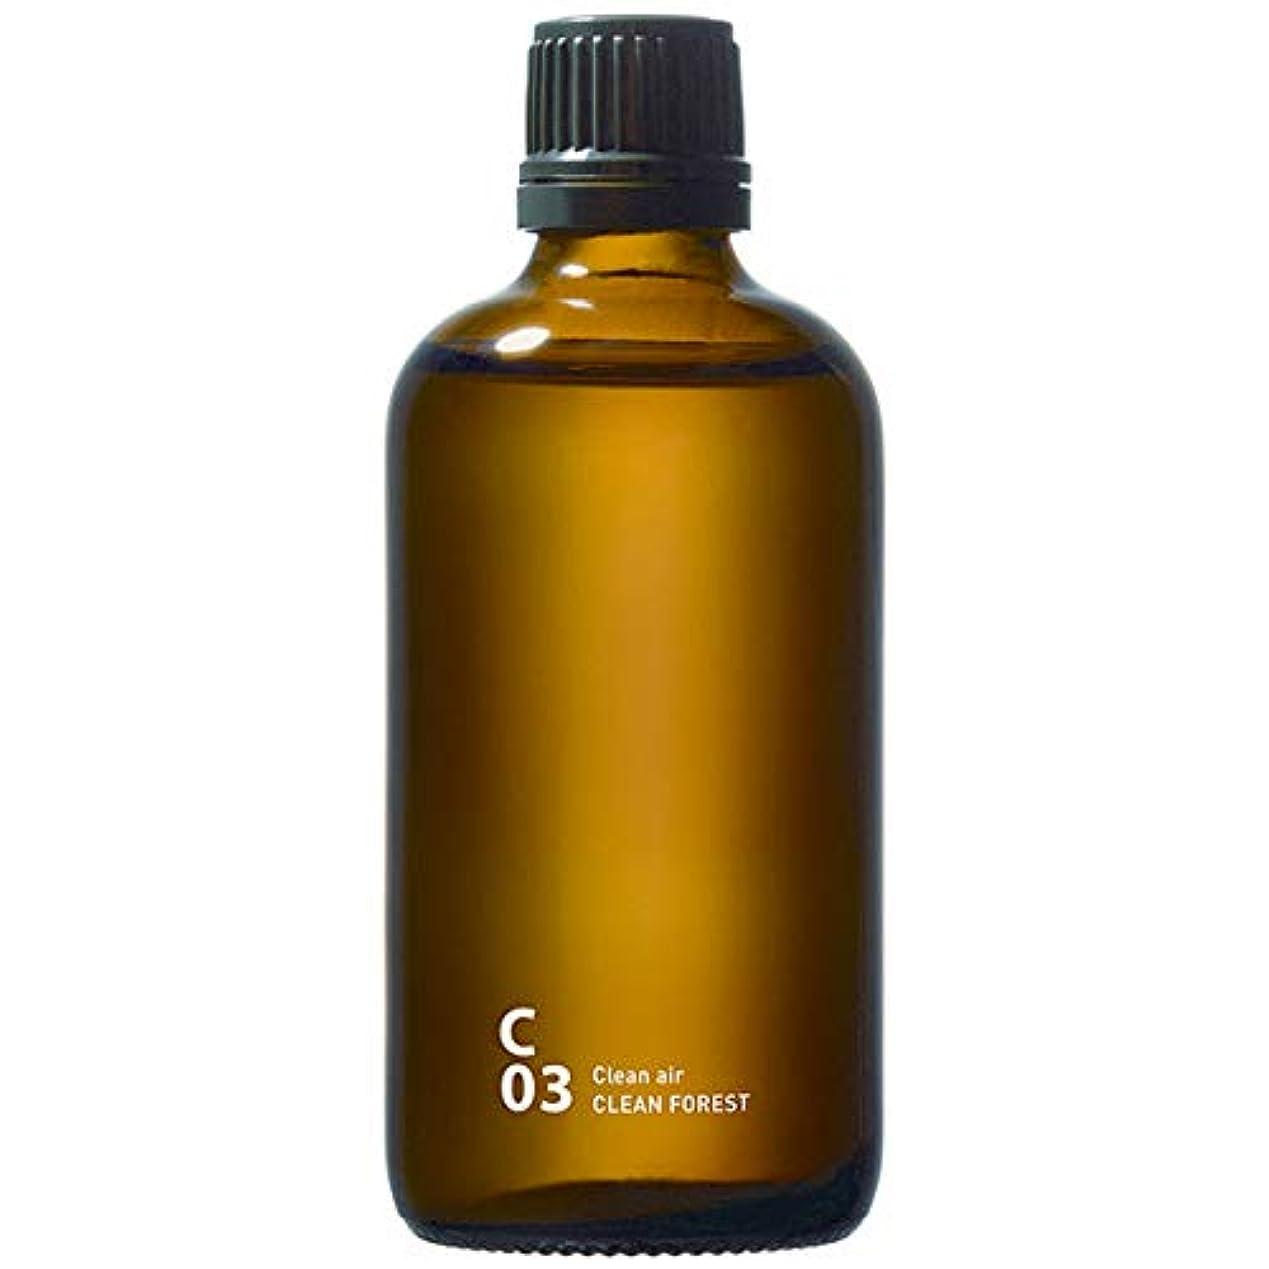 やろう真実に偏心C03 CLEAN FOREST piezo aroma oil 100ml